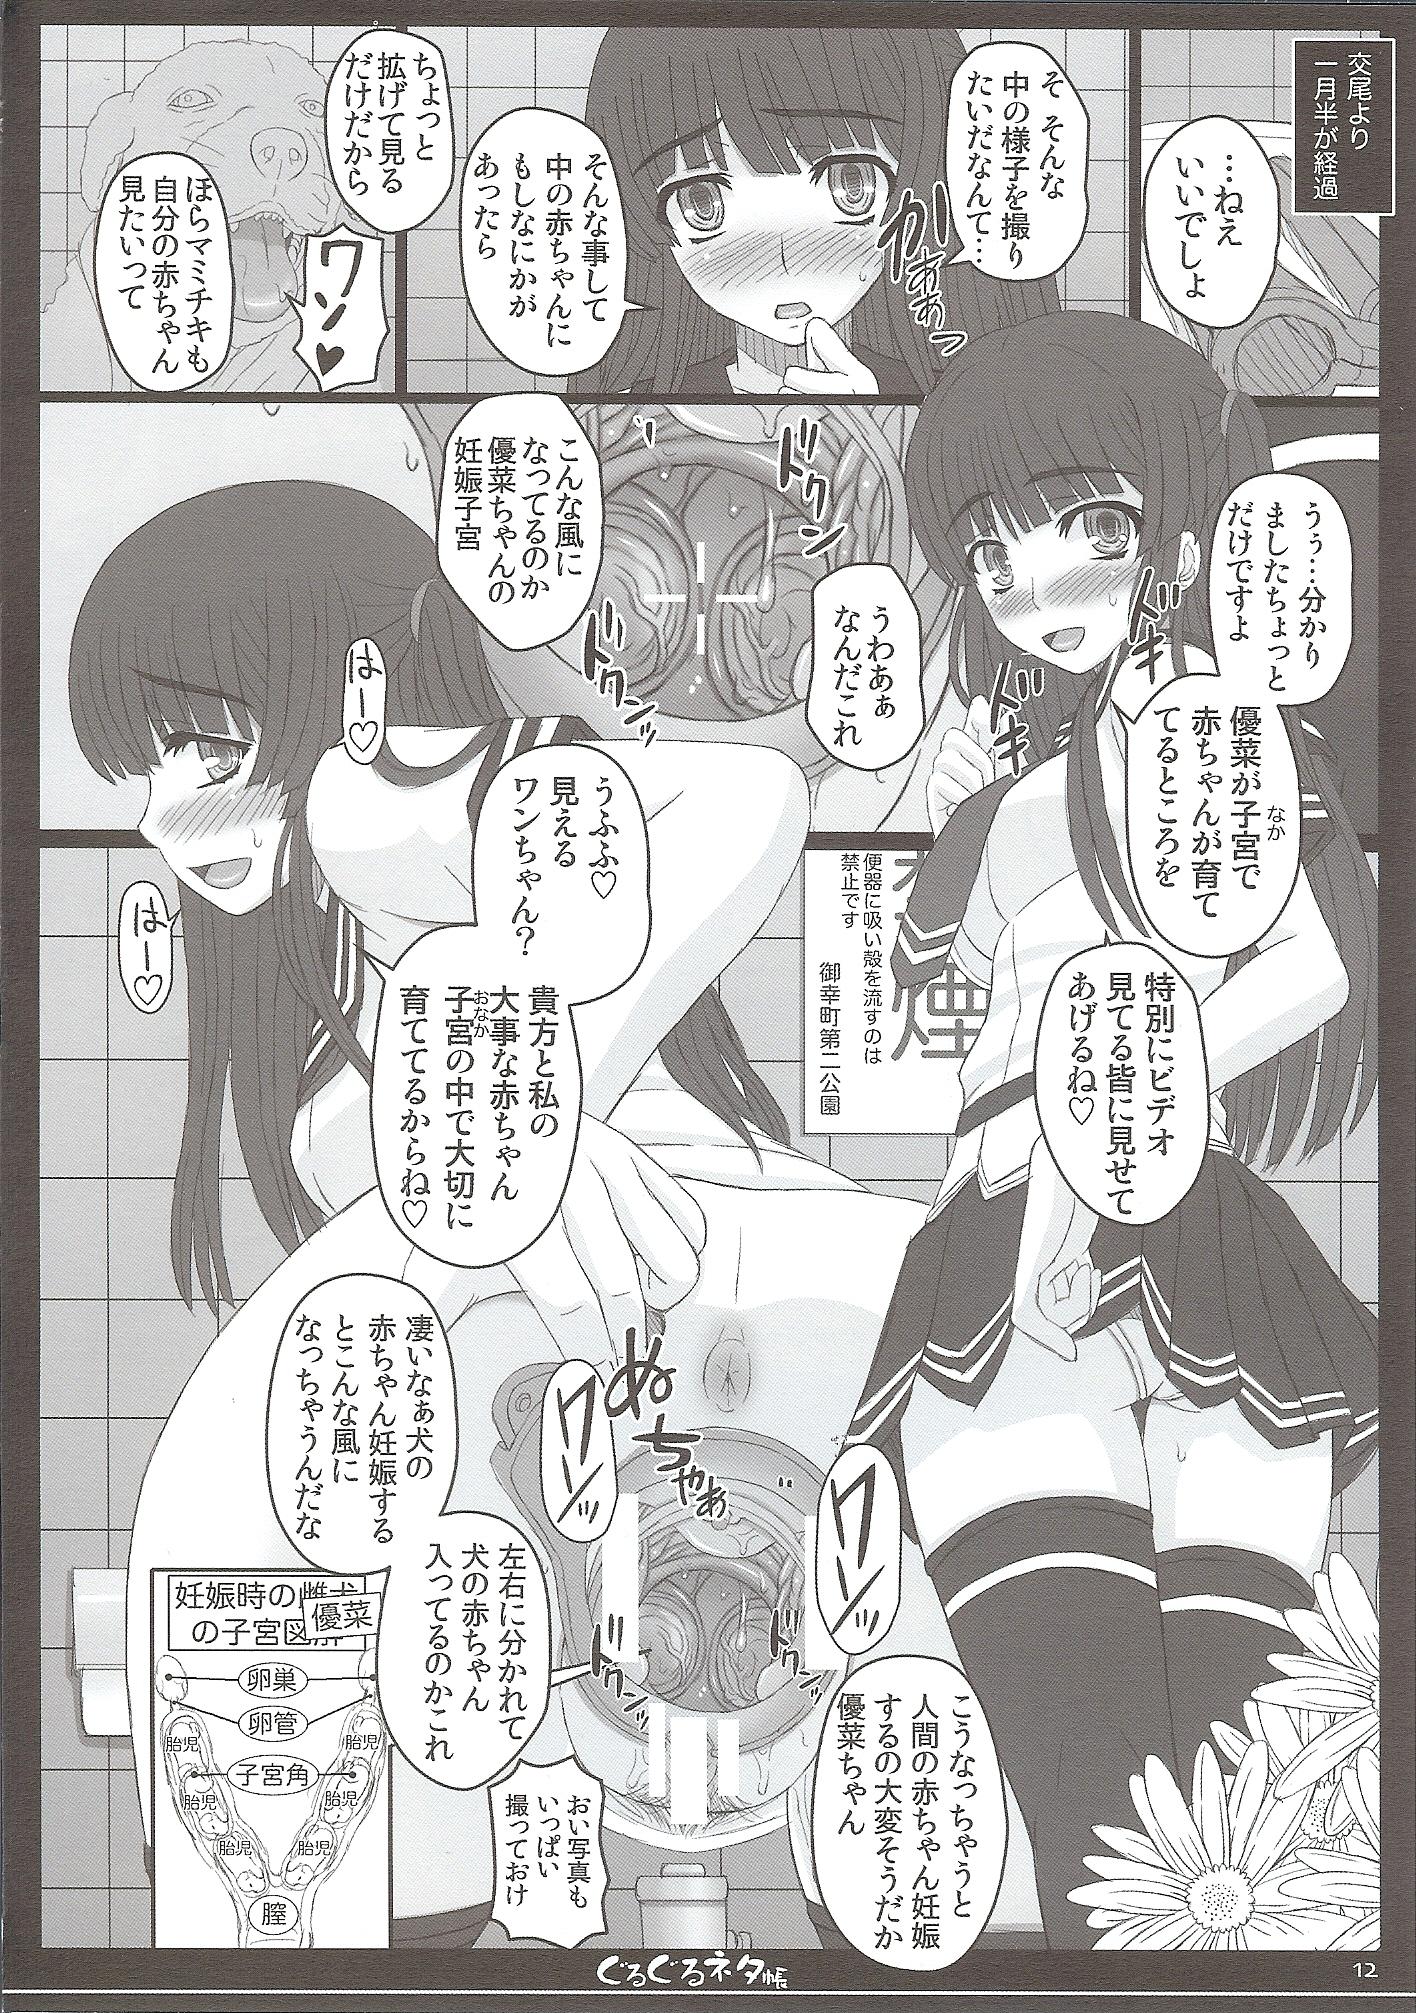 【エロ漫画・エロ同人誌】巨乳女子校生が野良犬とセックスして処女喪失www (11)